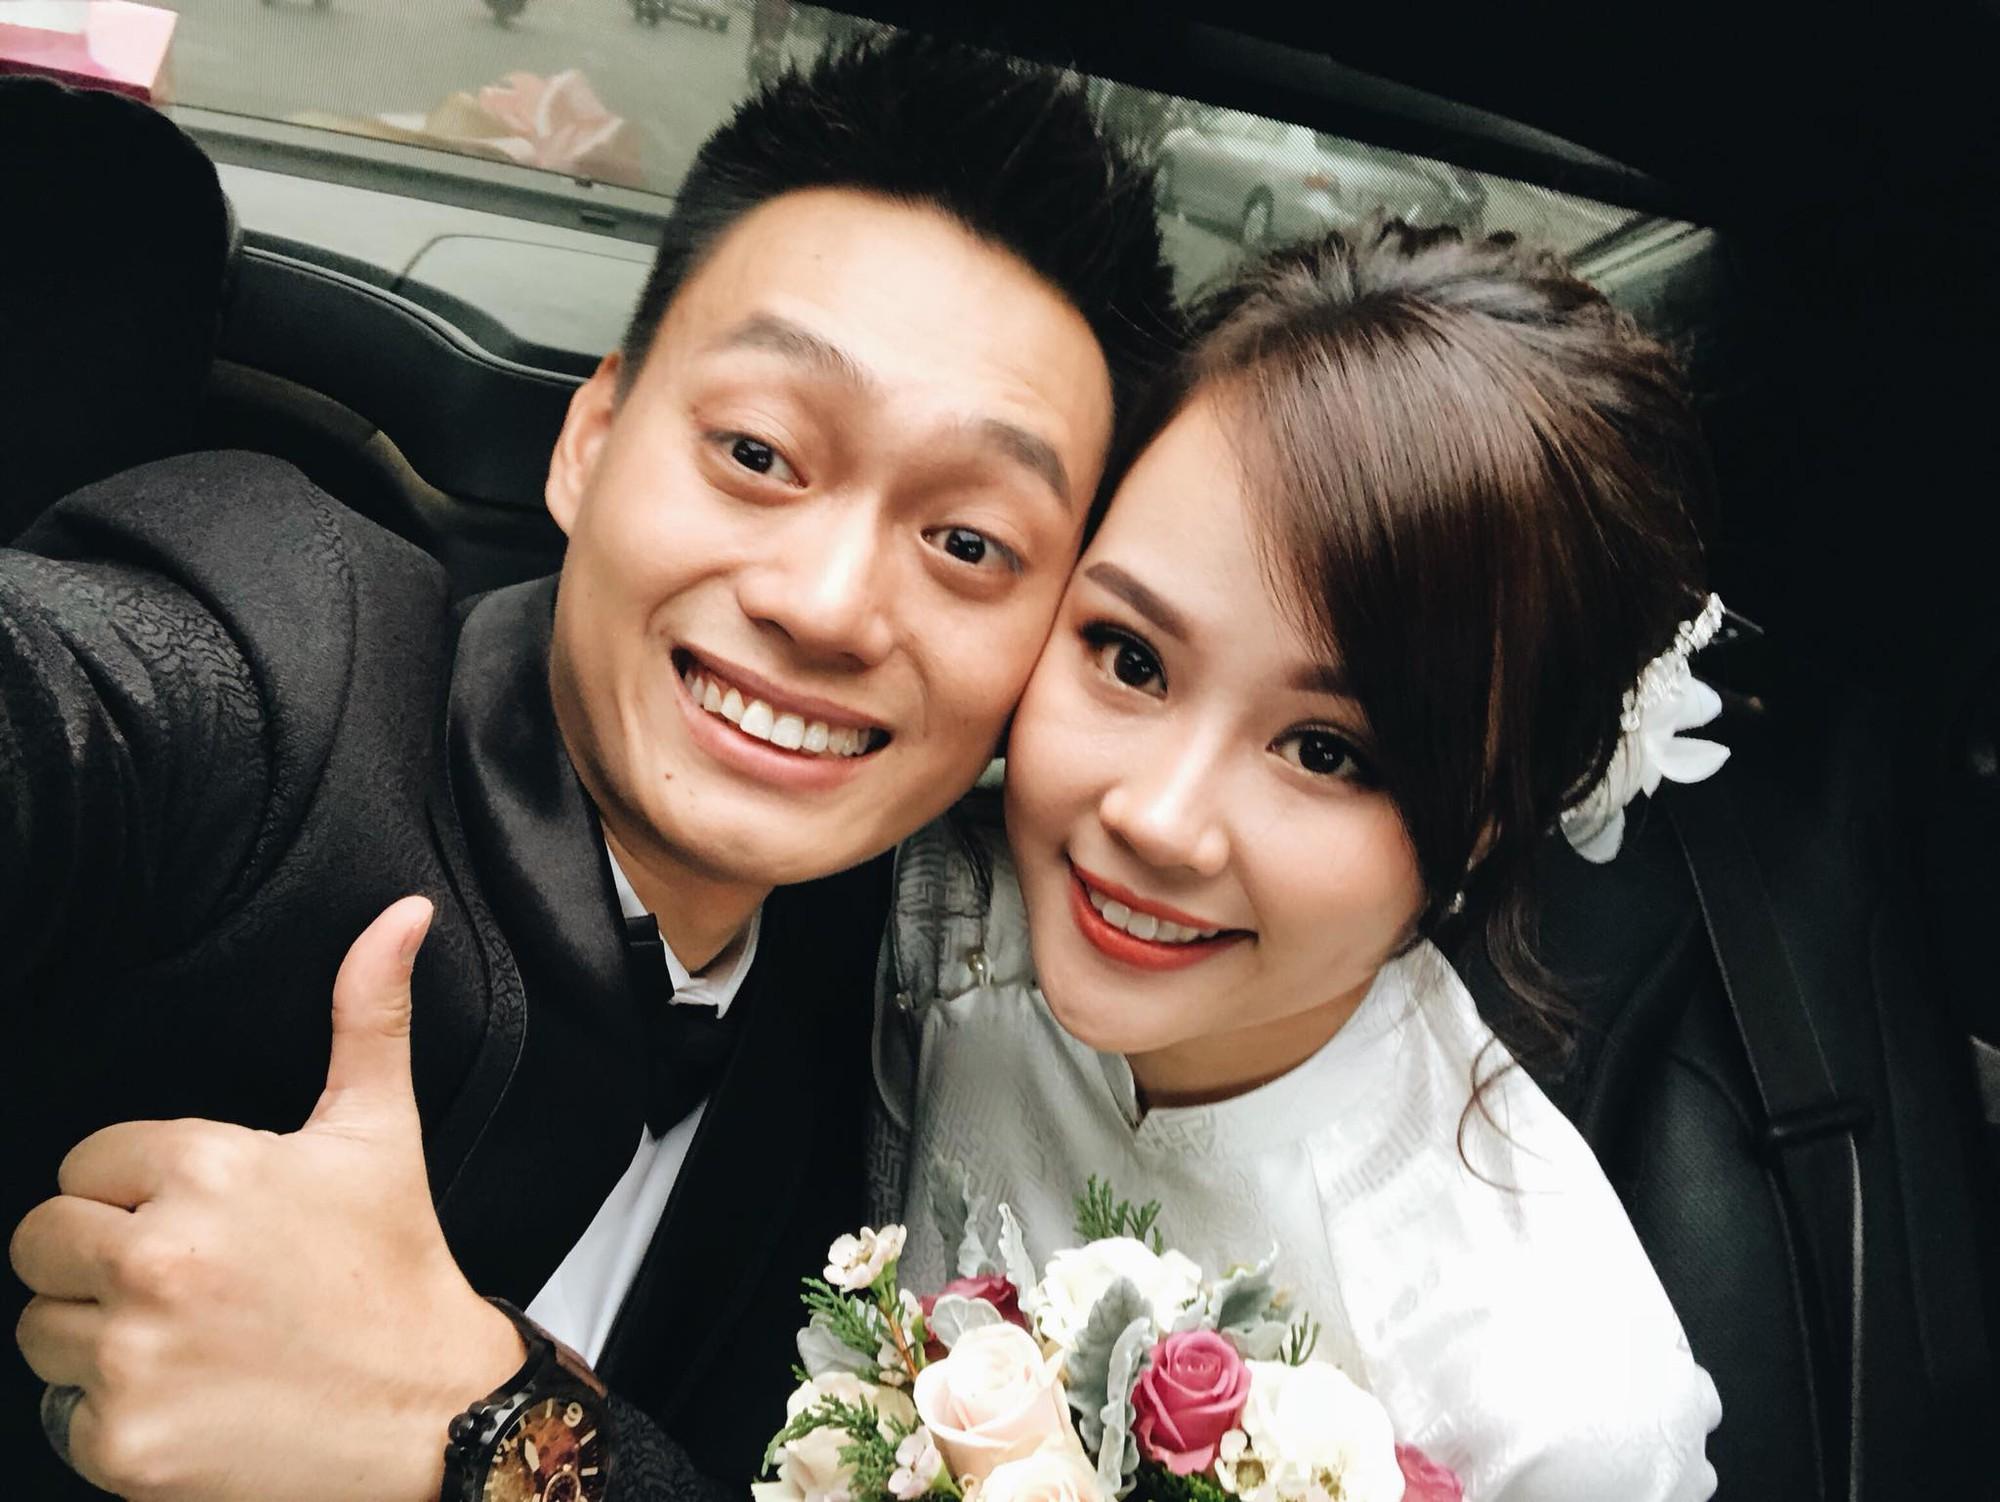 Nhật Anh Trắng cưới vợ, dân mạng xuýt xoa vì quá đẹp đôi - Ảnh 1.